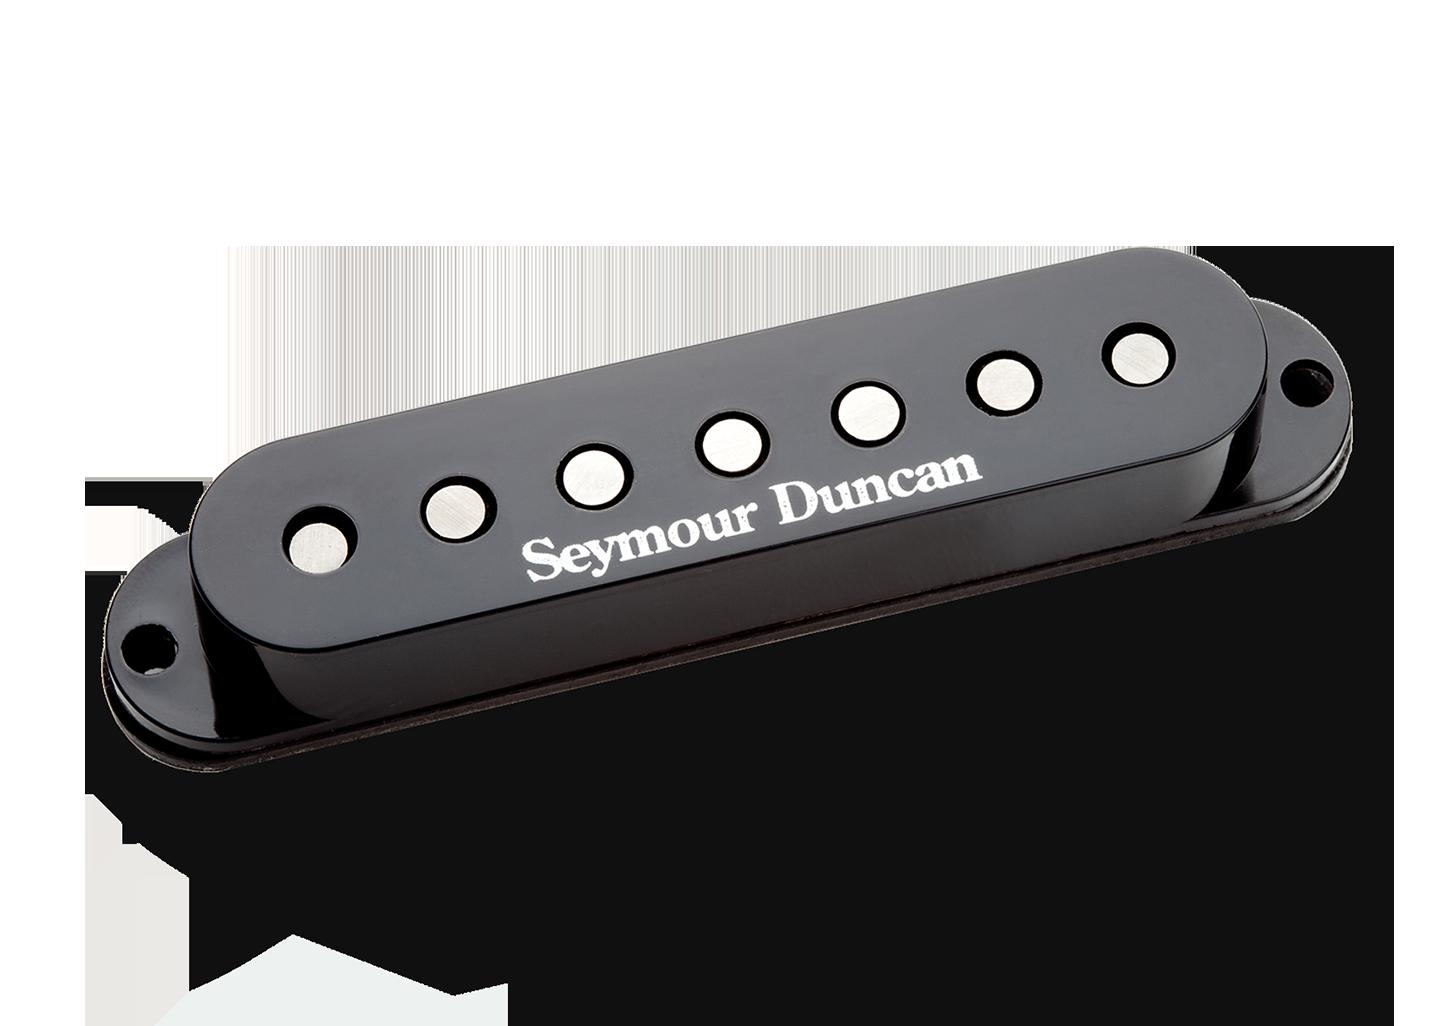 Seymour Duncan Vintage Staggered Strat SSL-1 Black 7 String